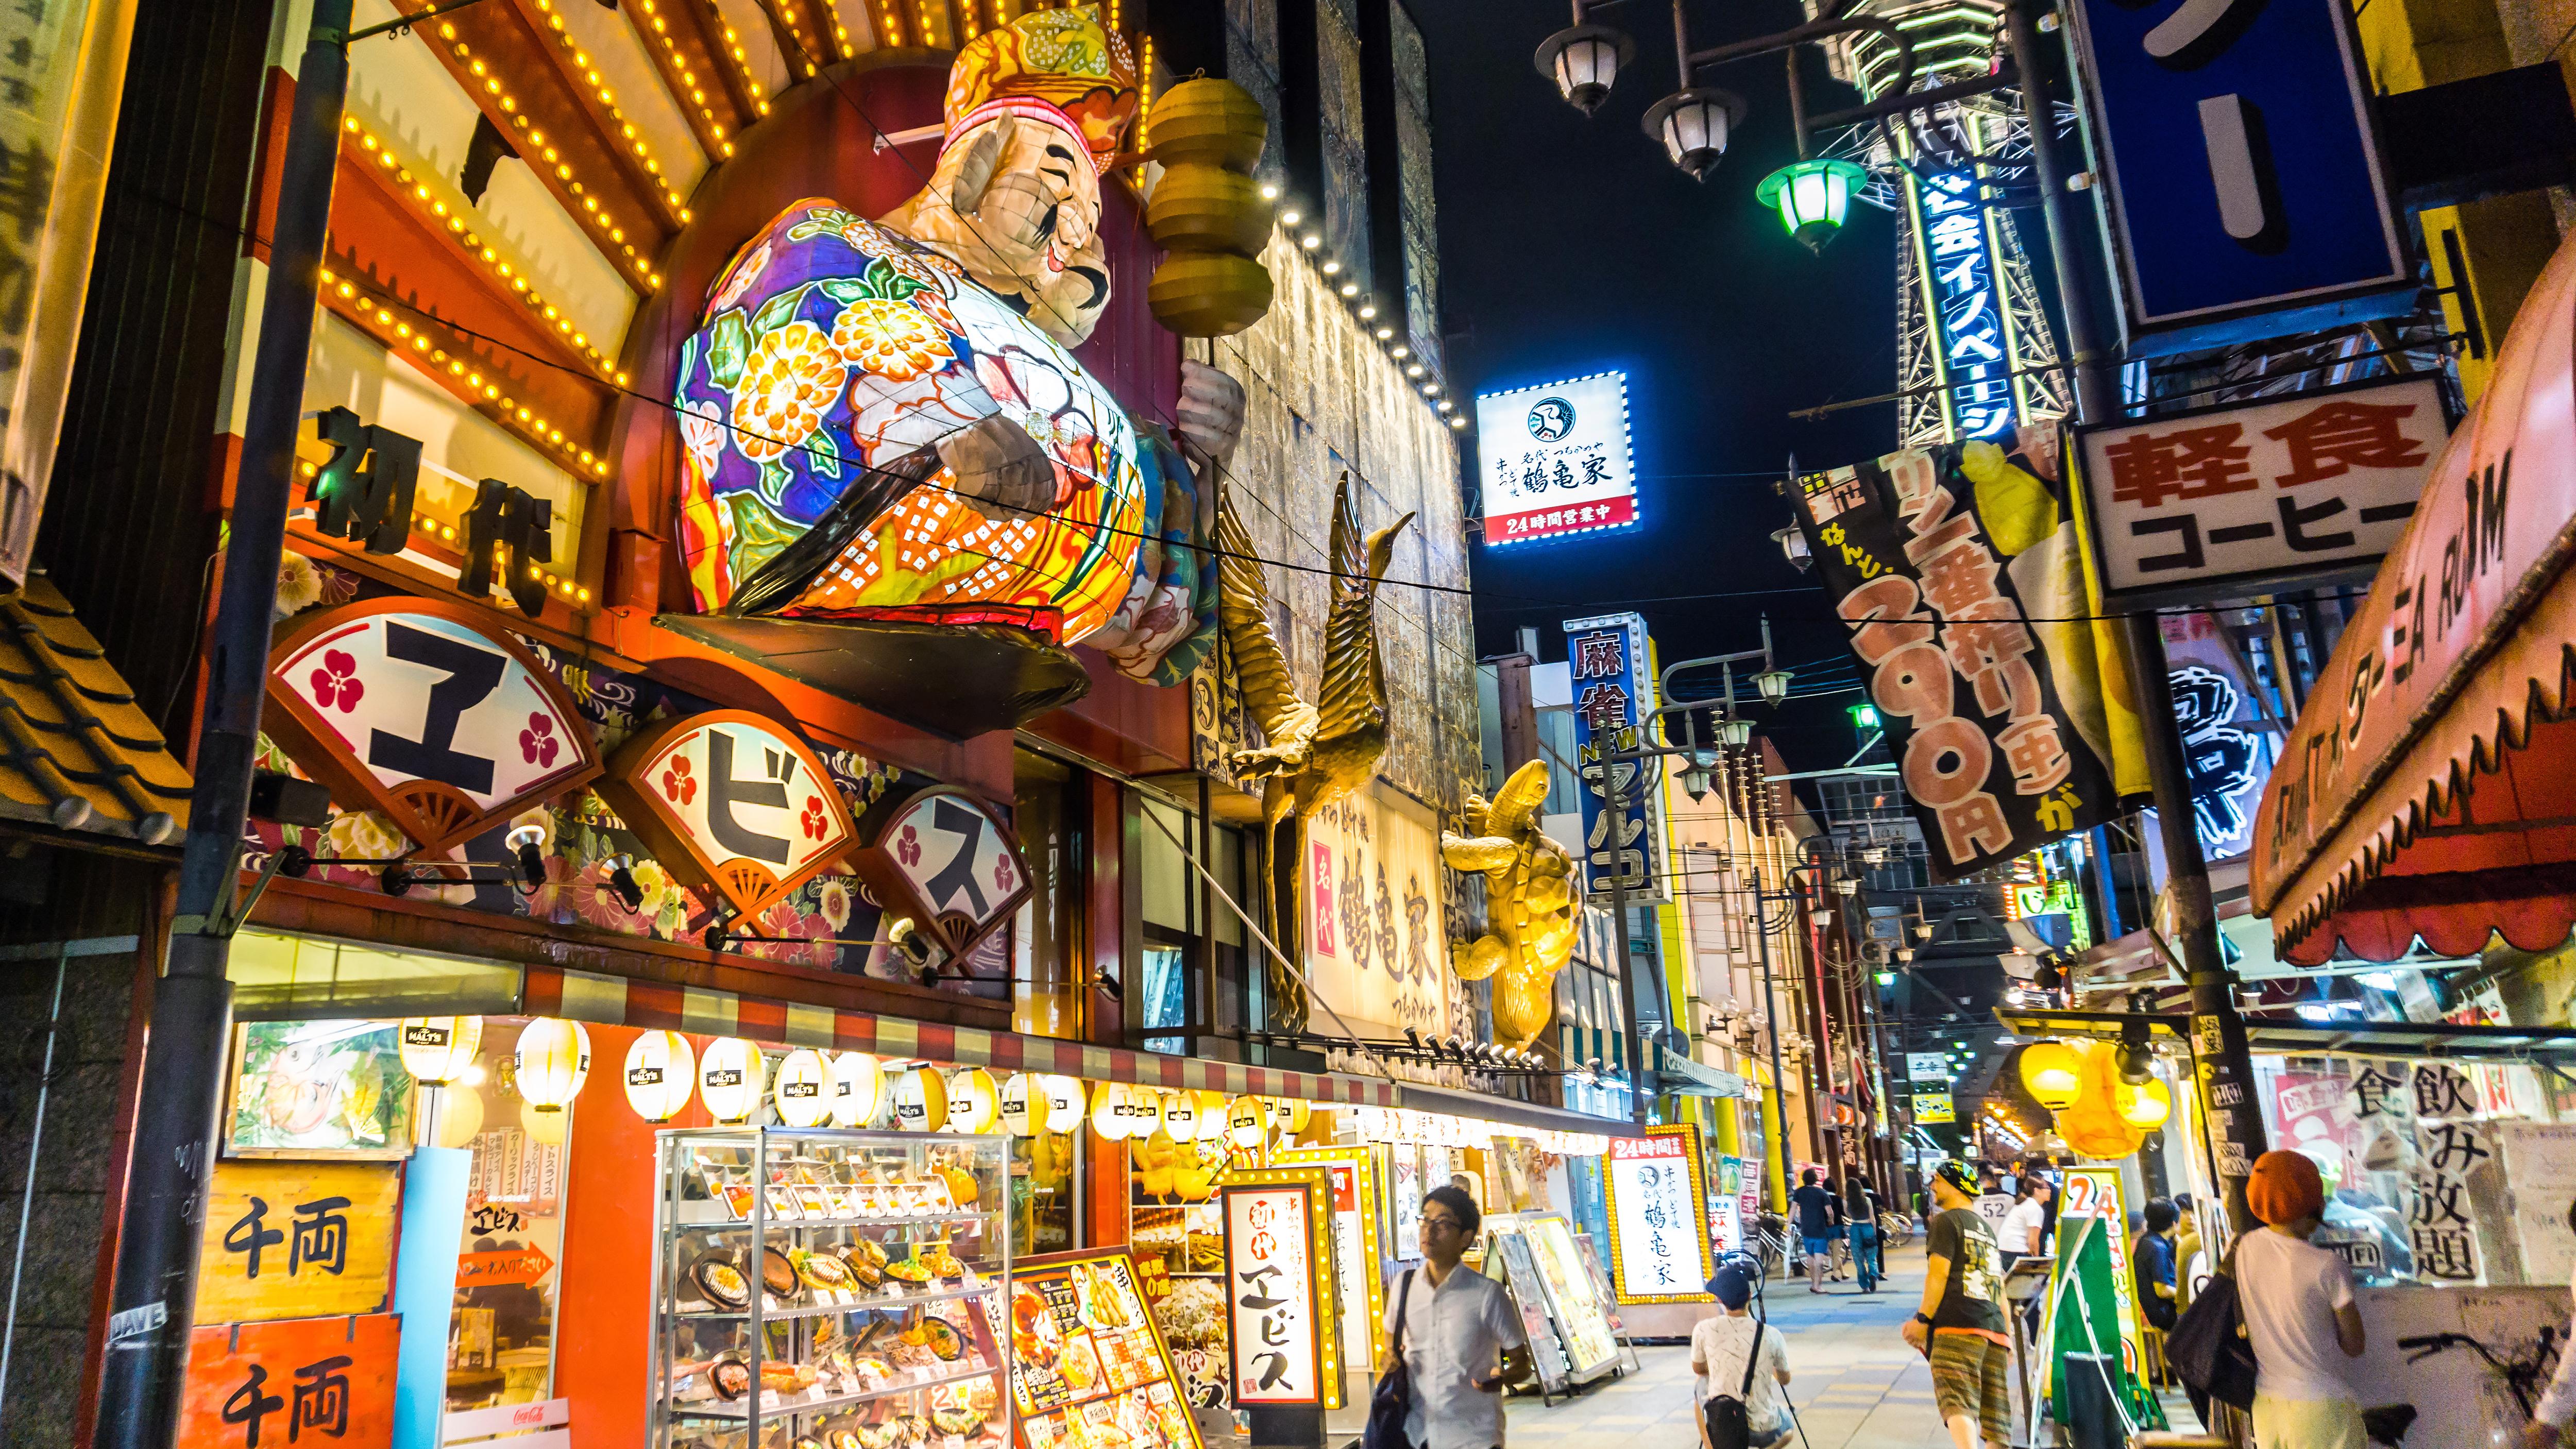 けったいな大阪の街並み